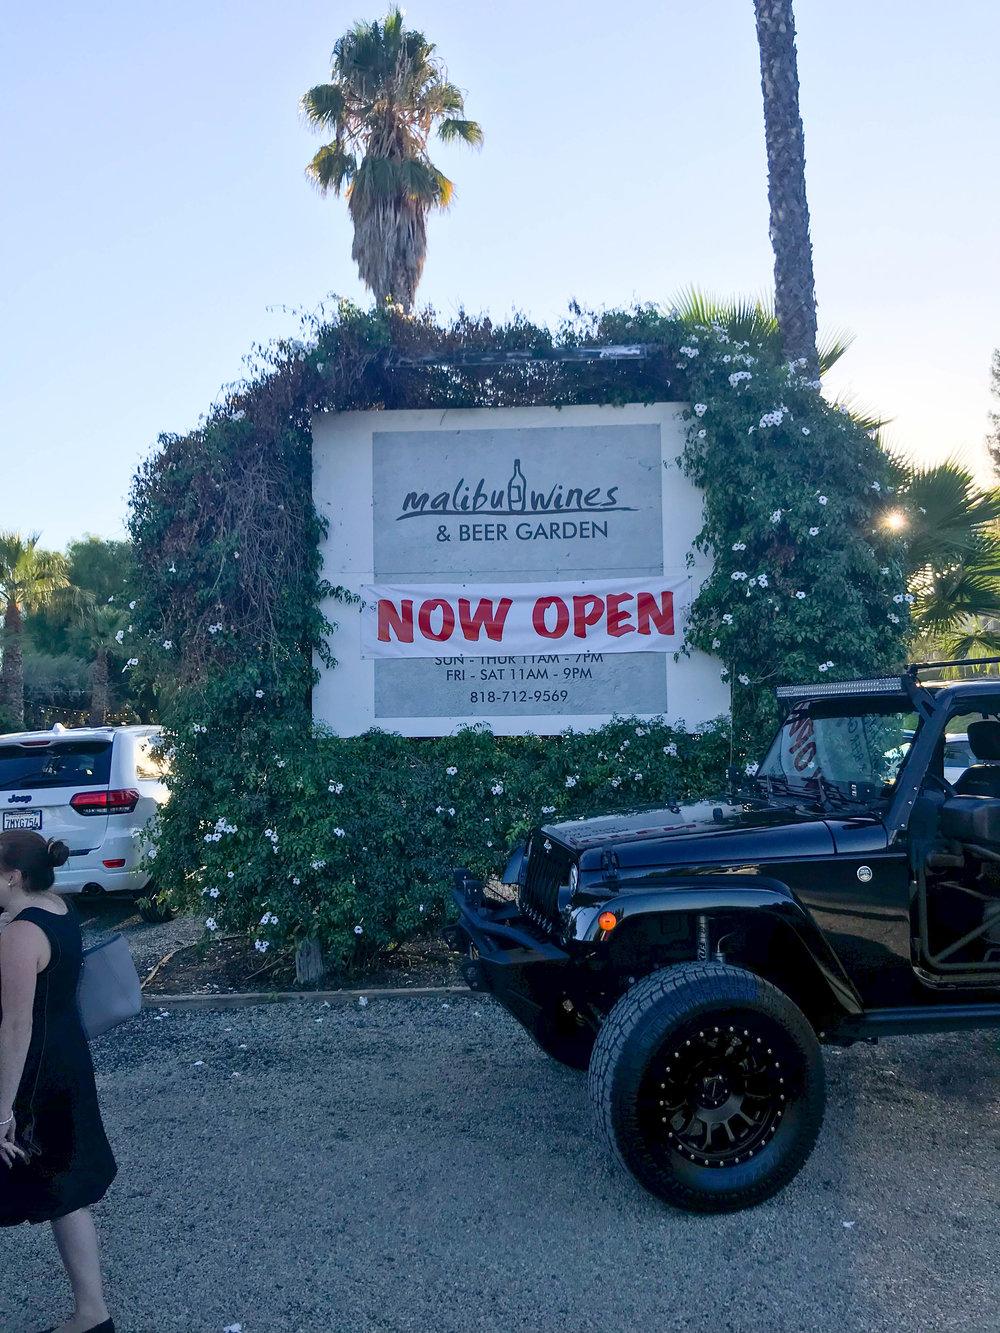 Malibu Wine and Beer Garden-now open.jpg